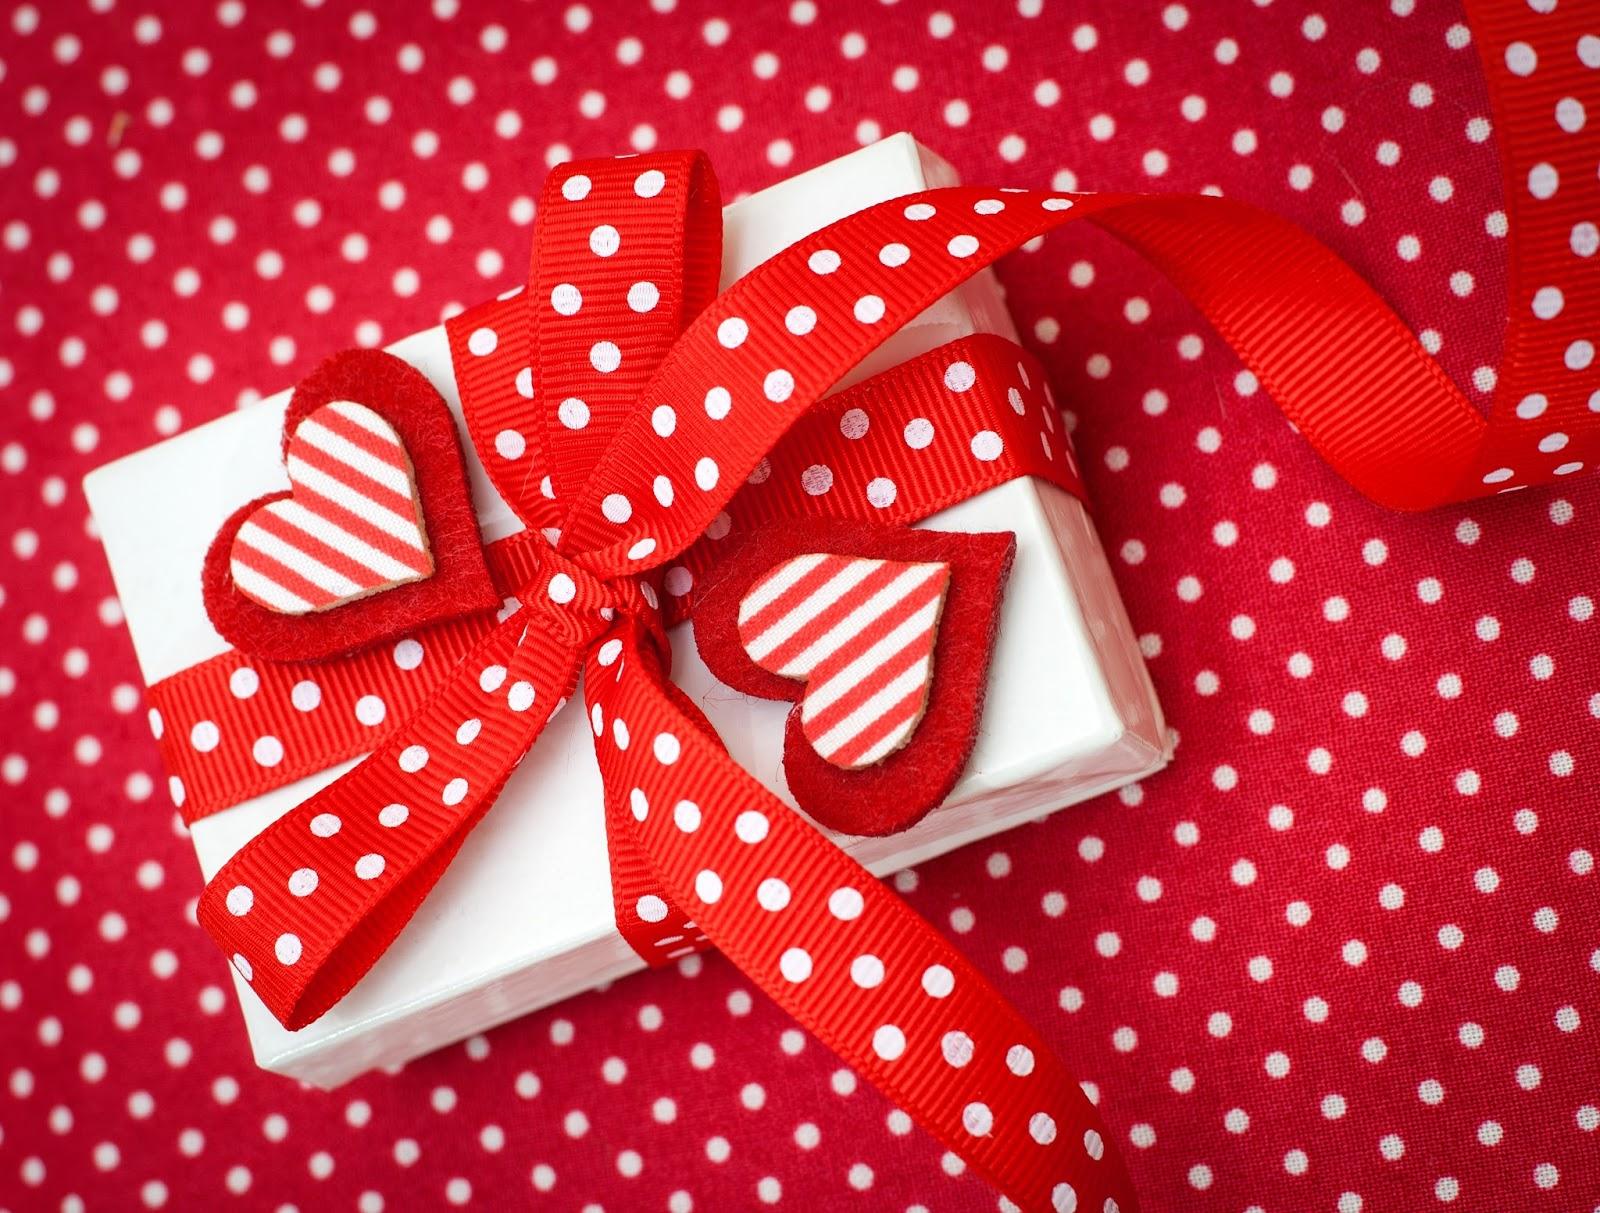 Imagenes De Dia De Sanvalentin - Compartir.me: Imágenes y tarjetas de amor amistad y